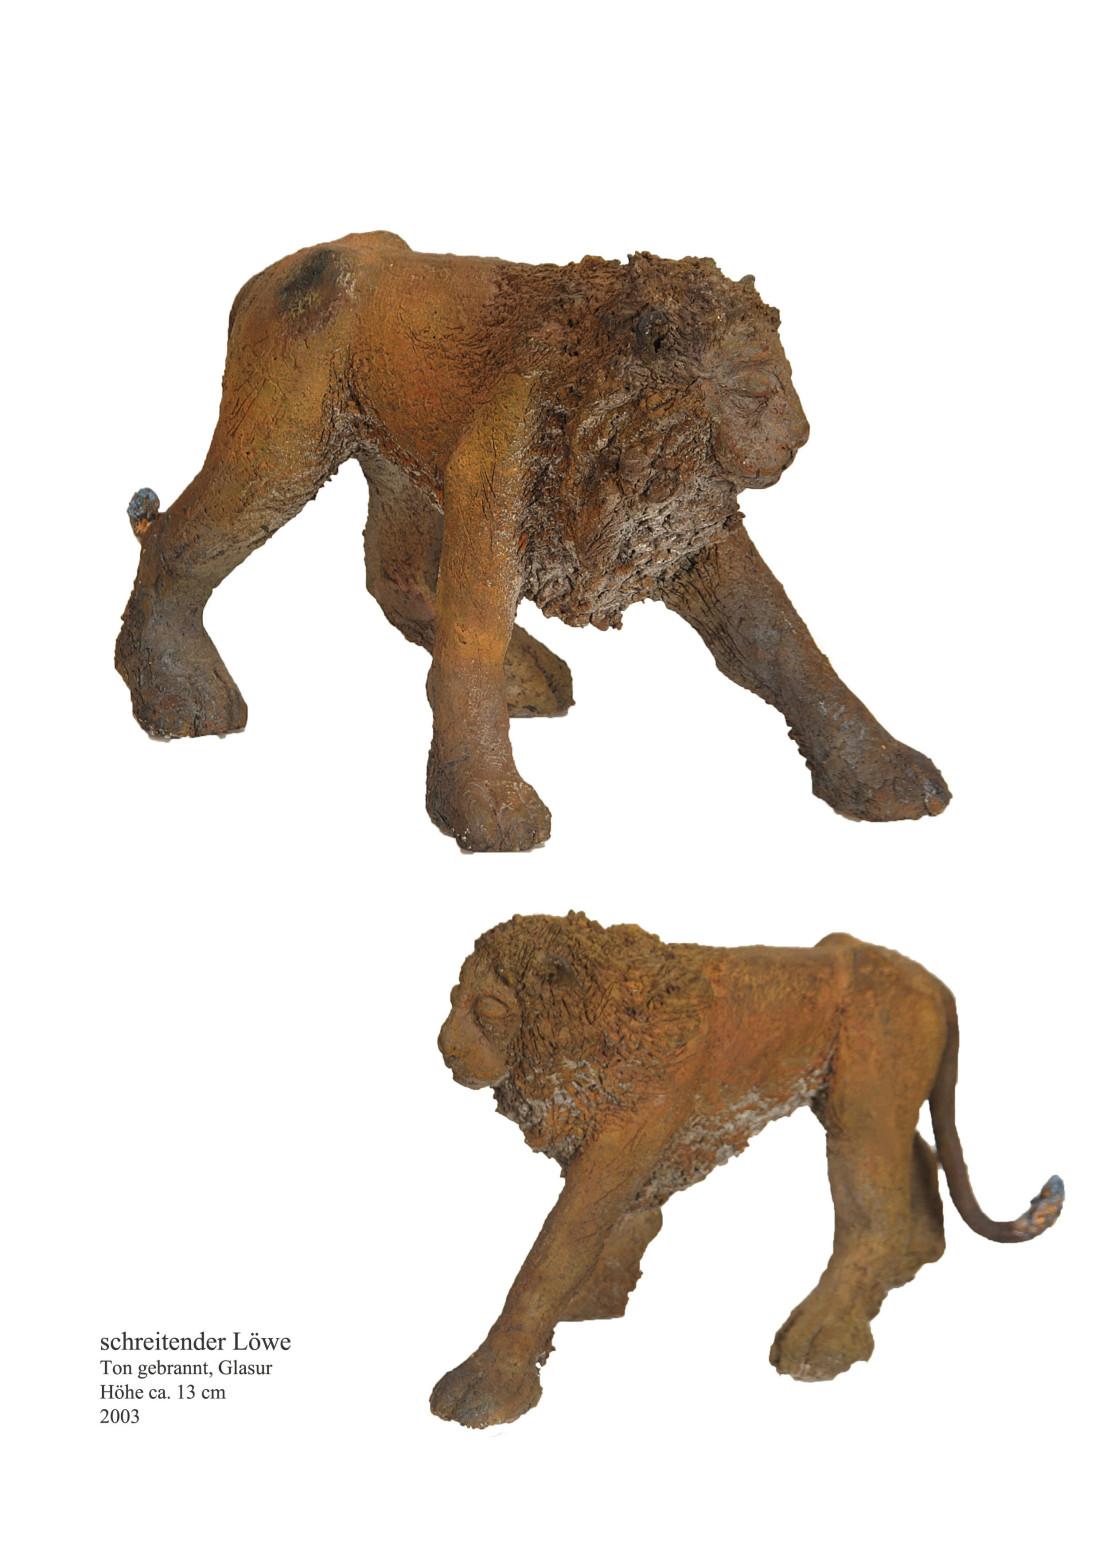 Schreitender Löwe